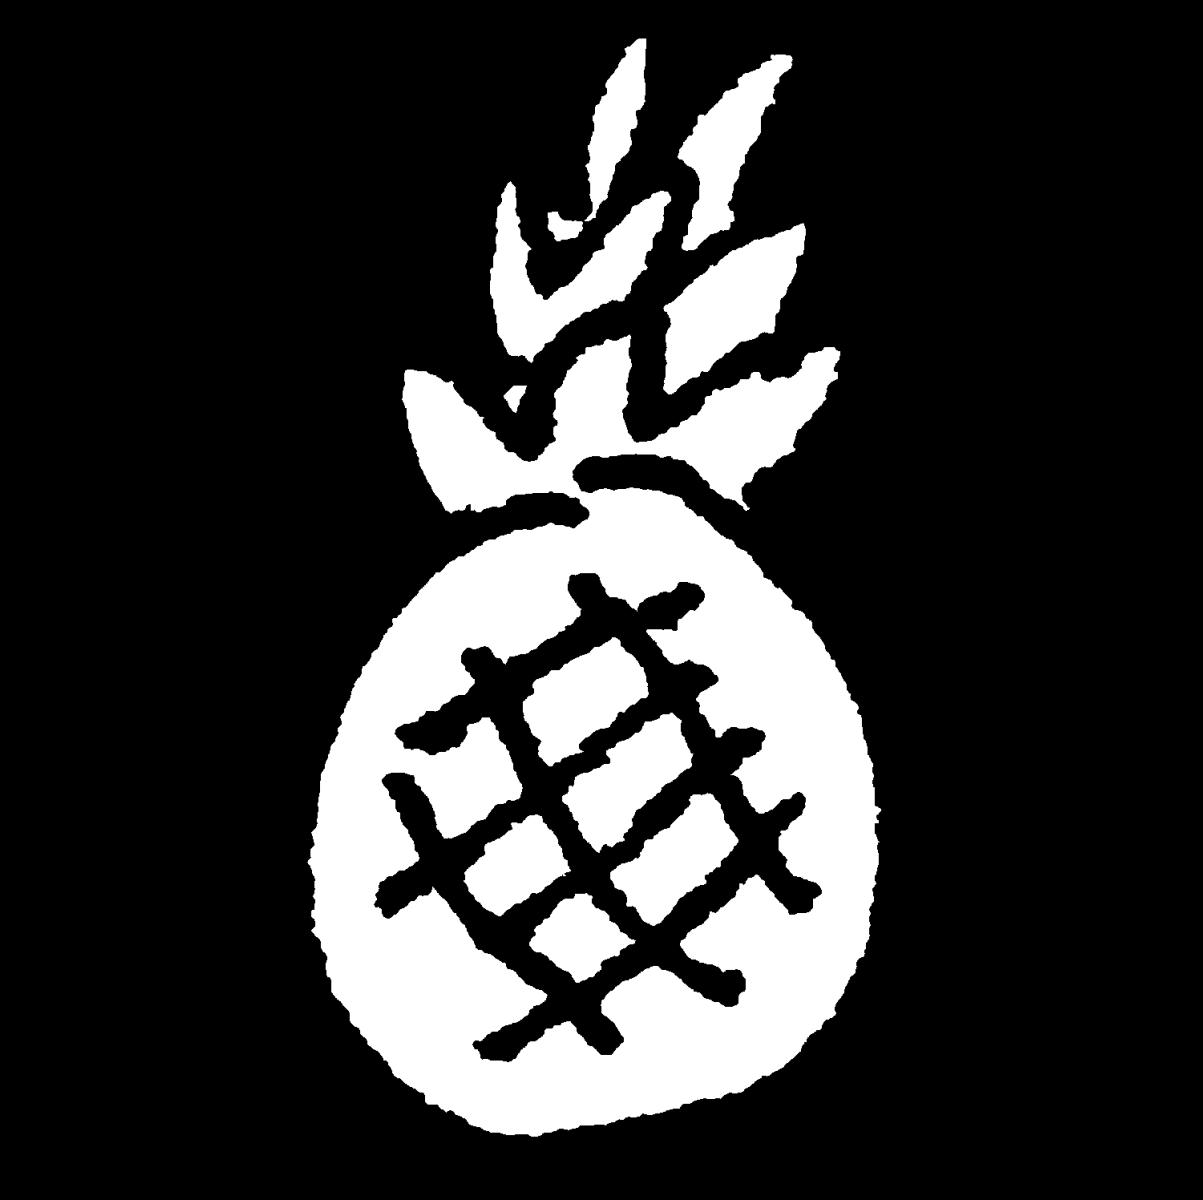 パイナップルのイラスト / Pineapple (Ananas comosus) Illustration